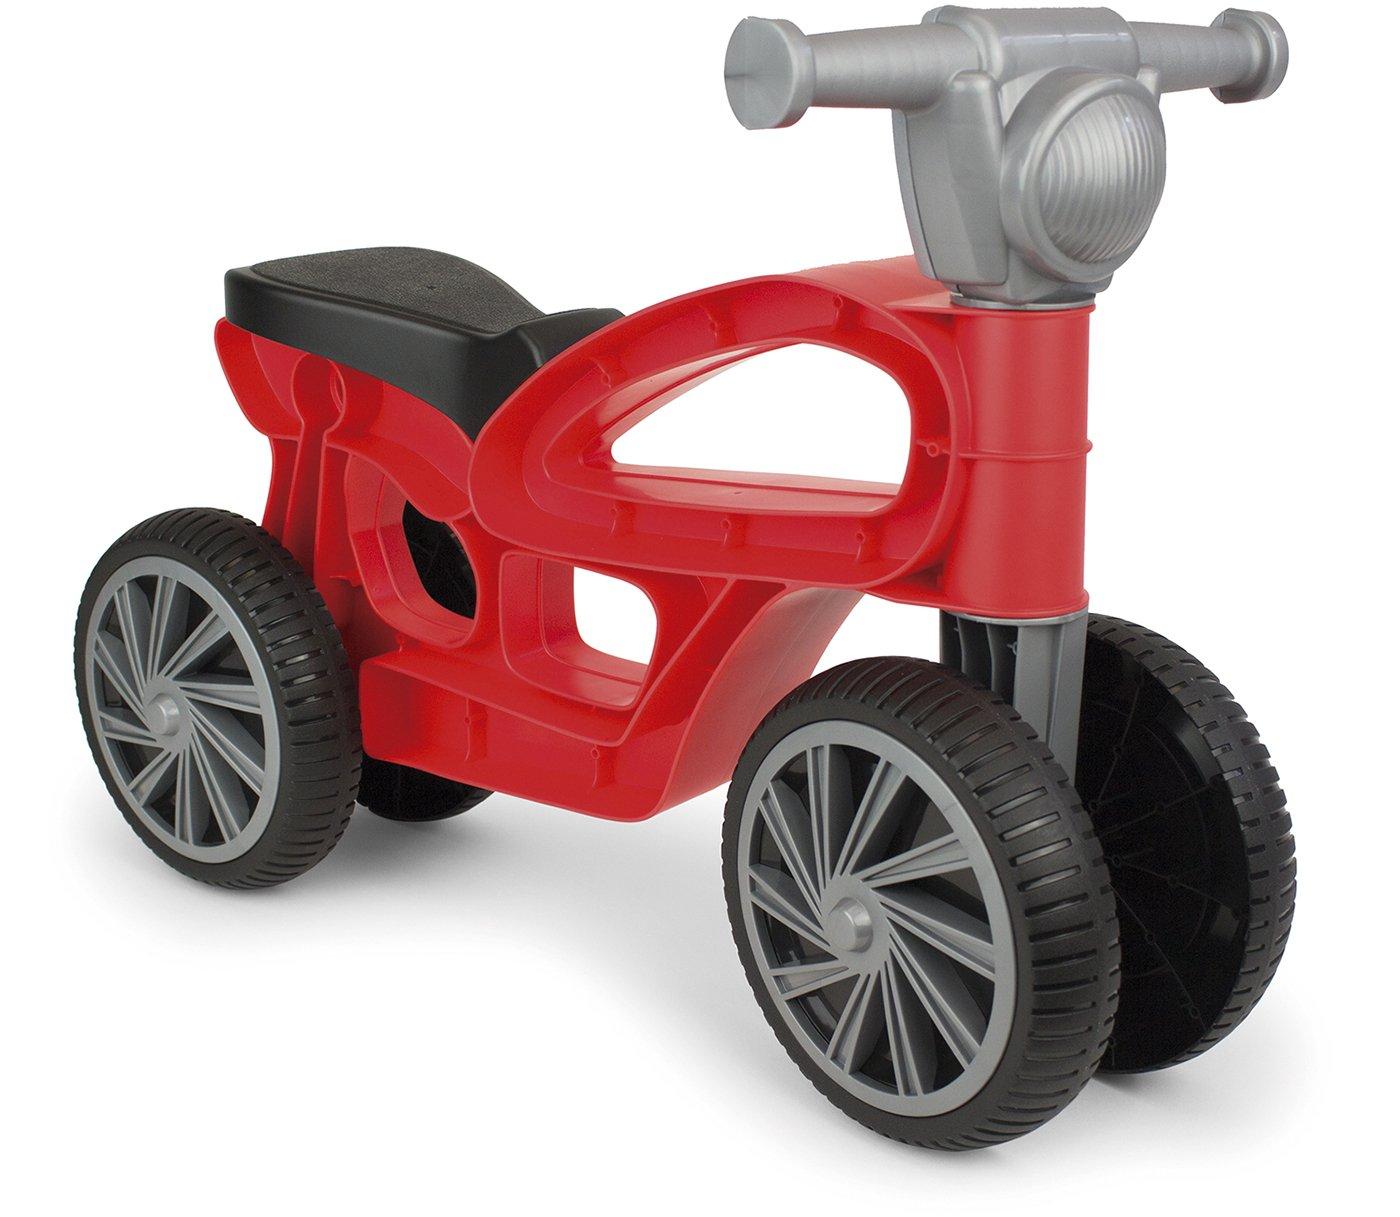 Chicos Correpasillos con 4 Ruedas Color Mini Custom roja Fábrica de Juguetes 36006 product image